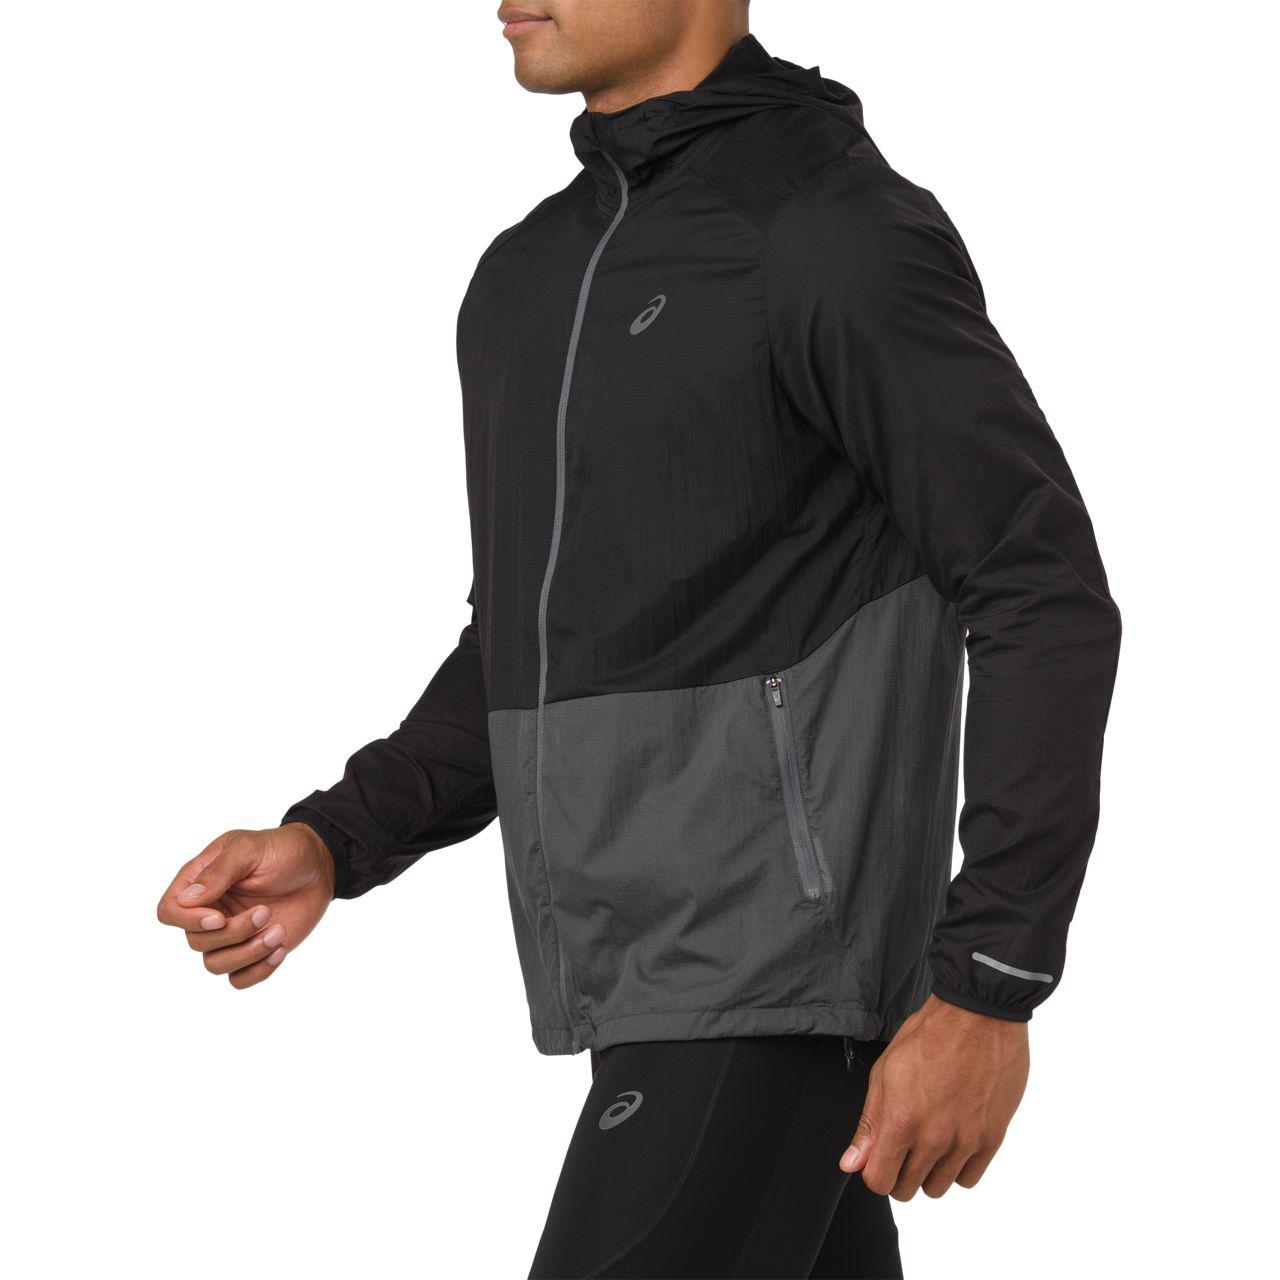 b2fd46475 Asics Men's Packable Running Jacket - Dark Grey Heather | Men's ...